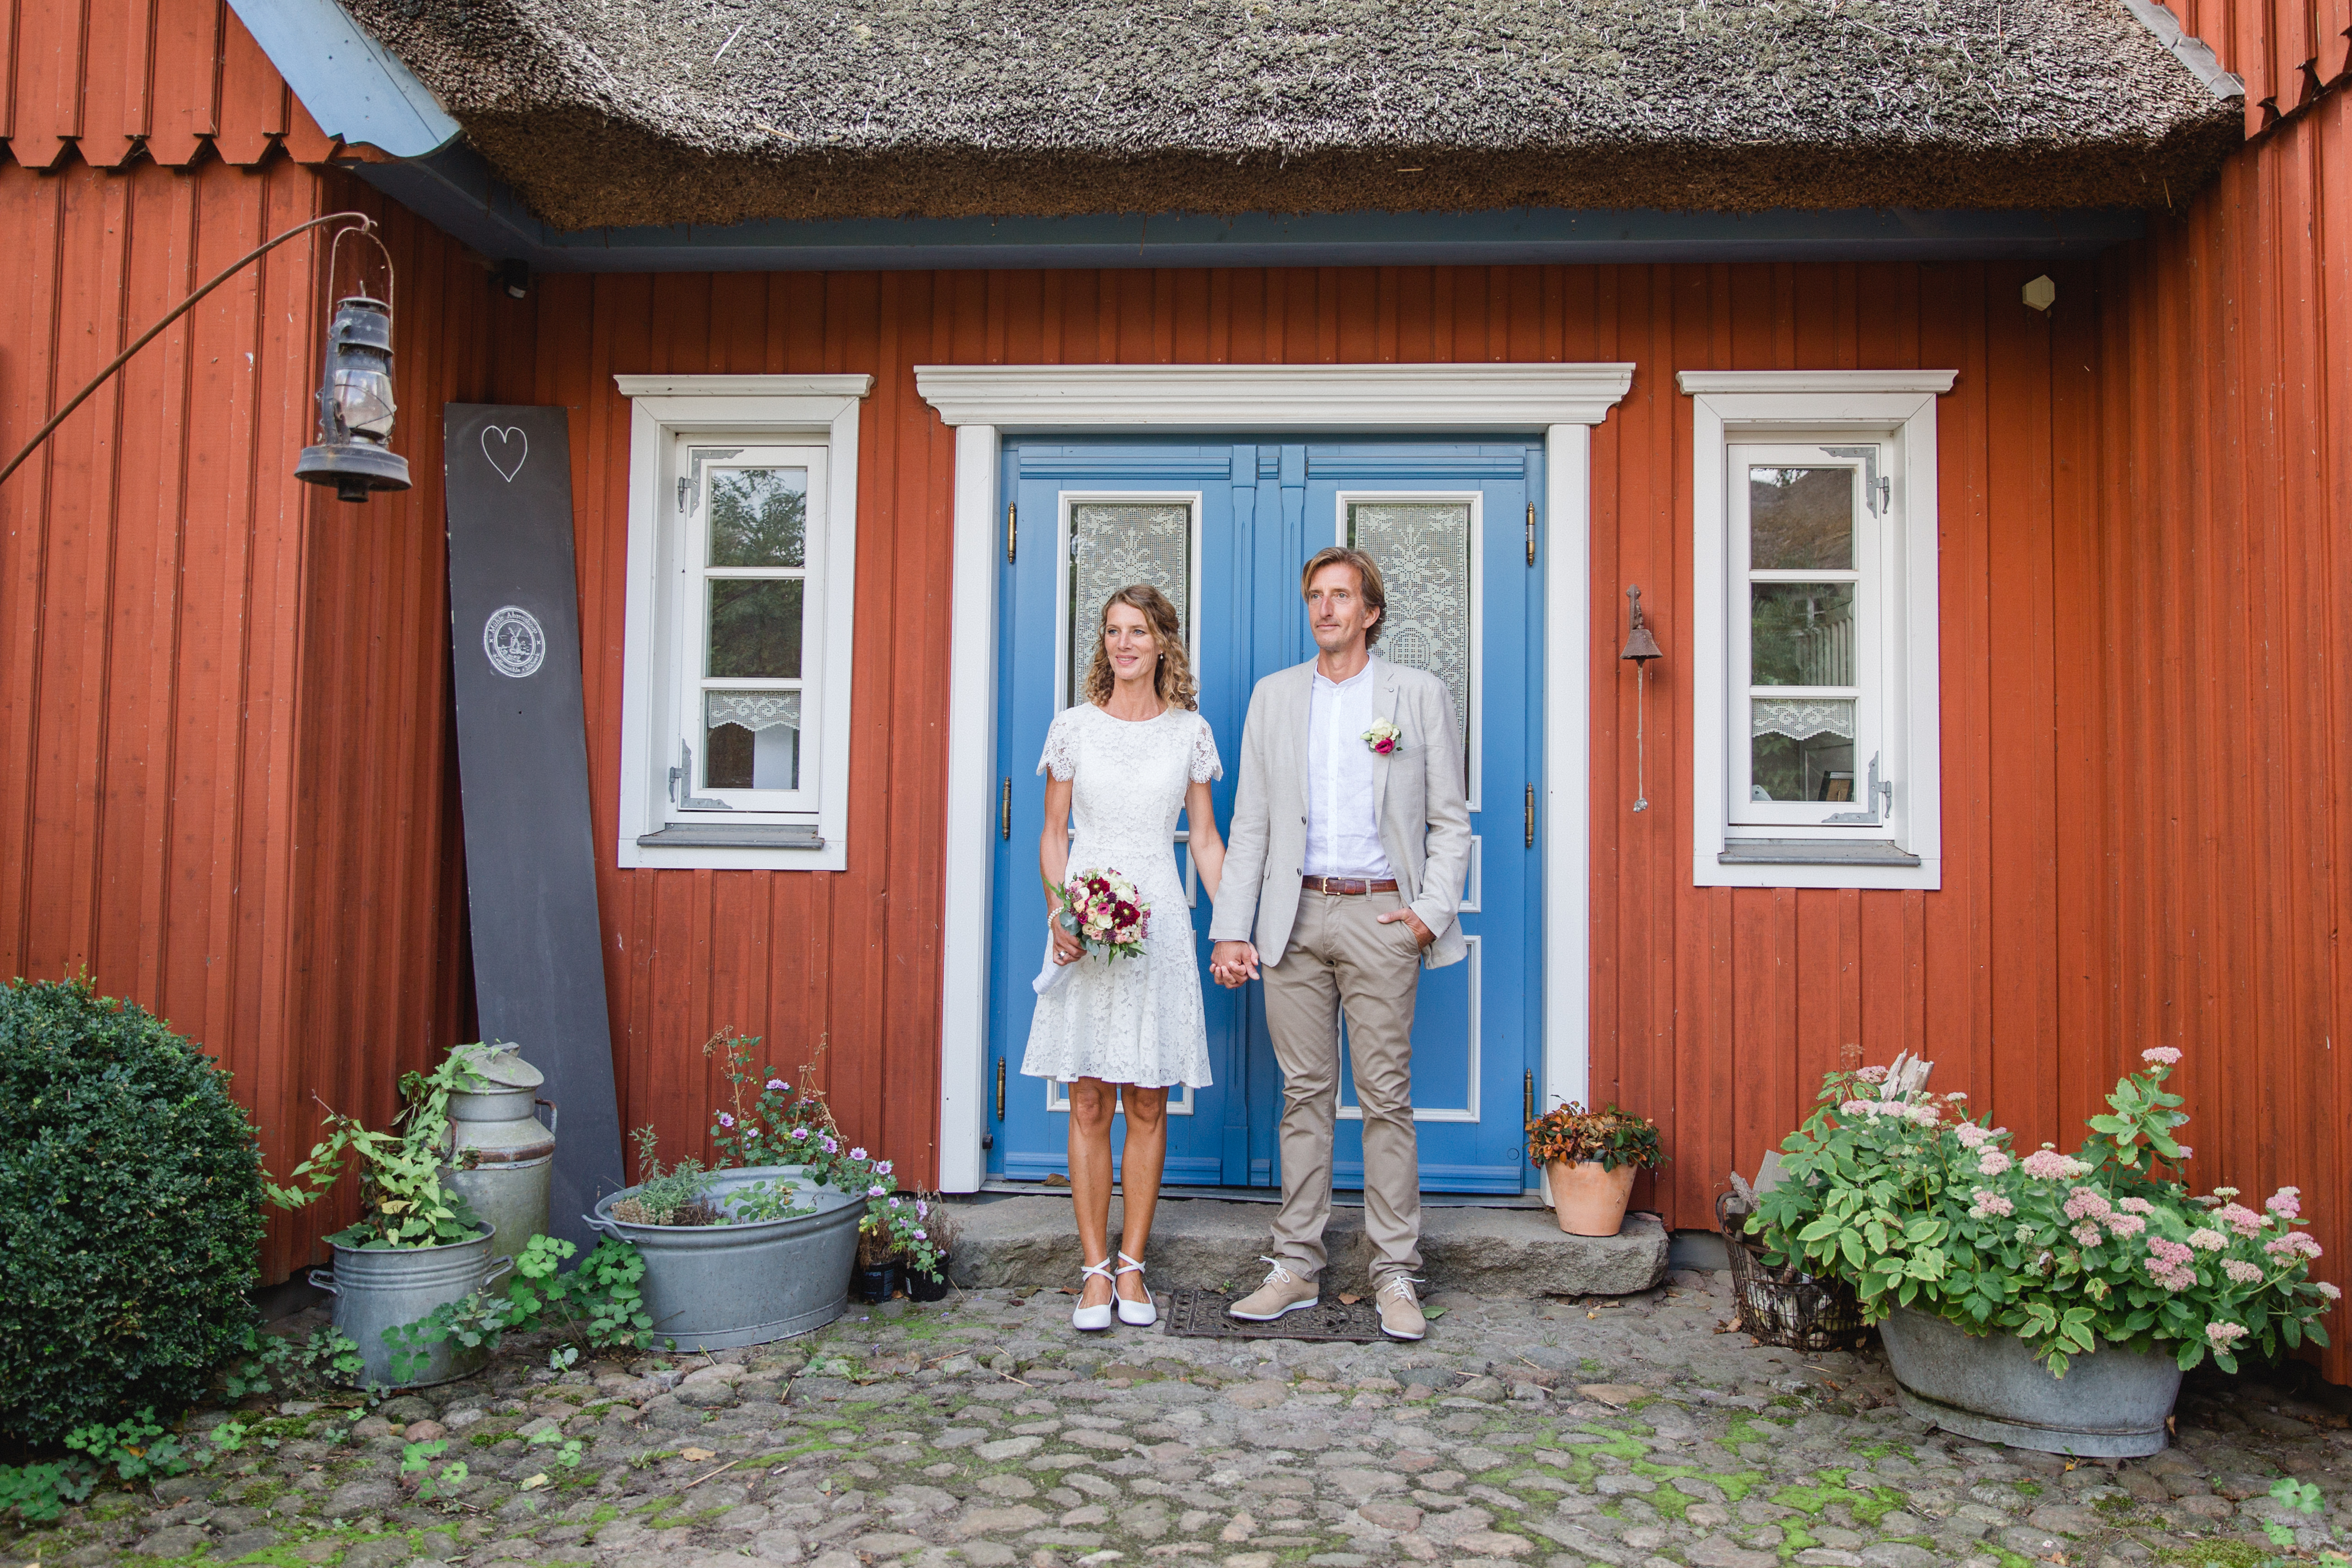 Brautpaarfotoshooting an einem Fachwerkhaus.